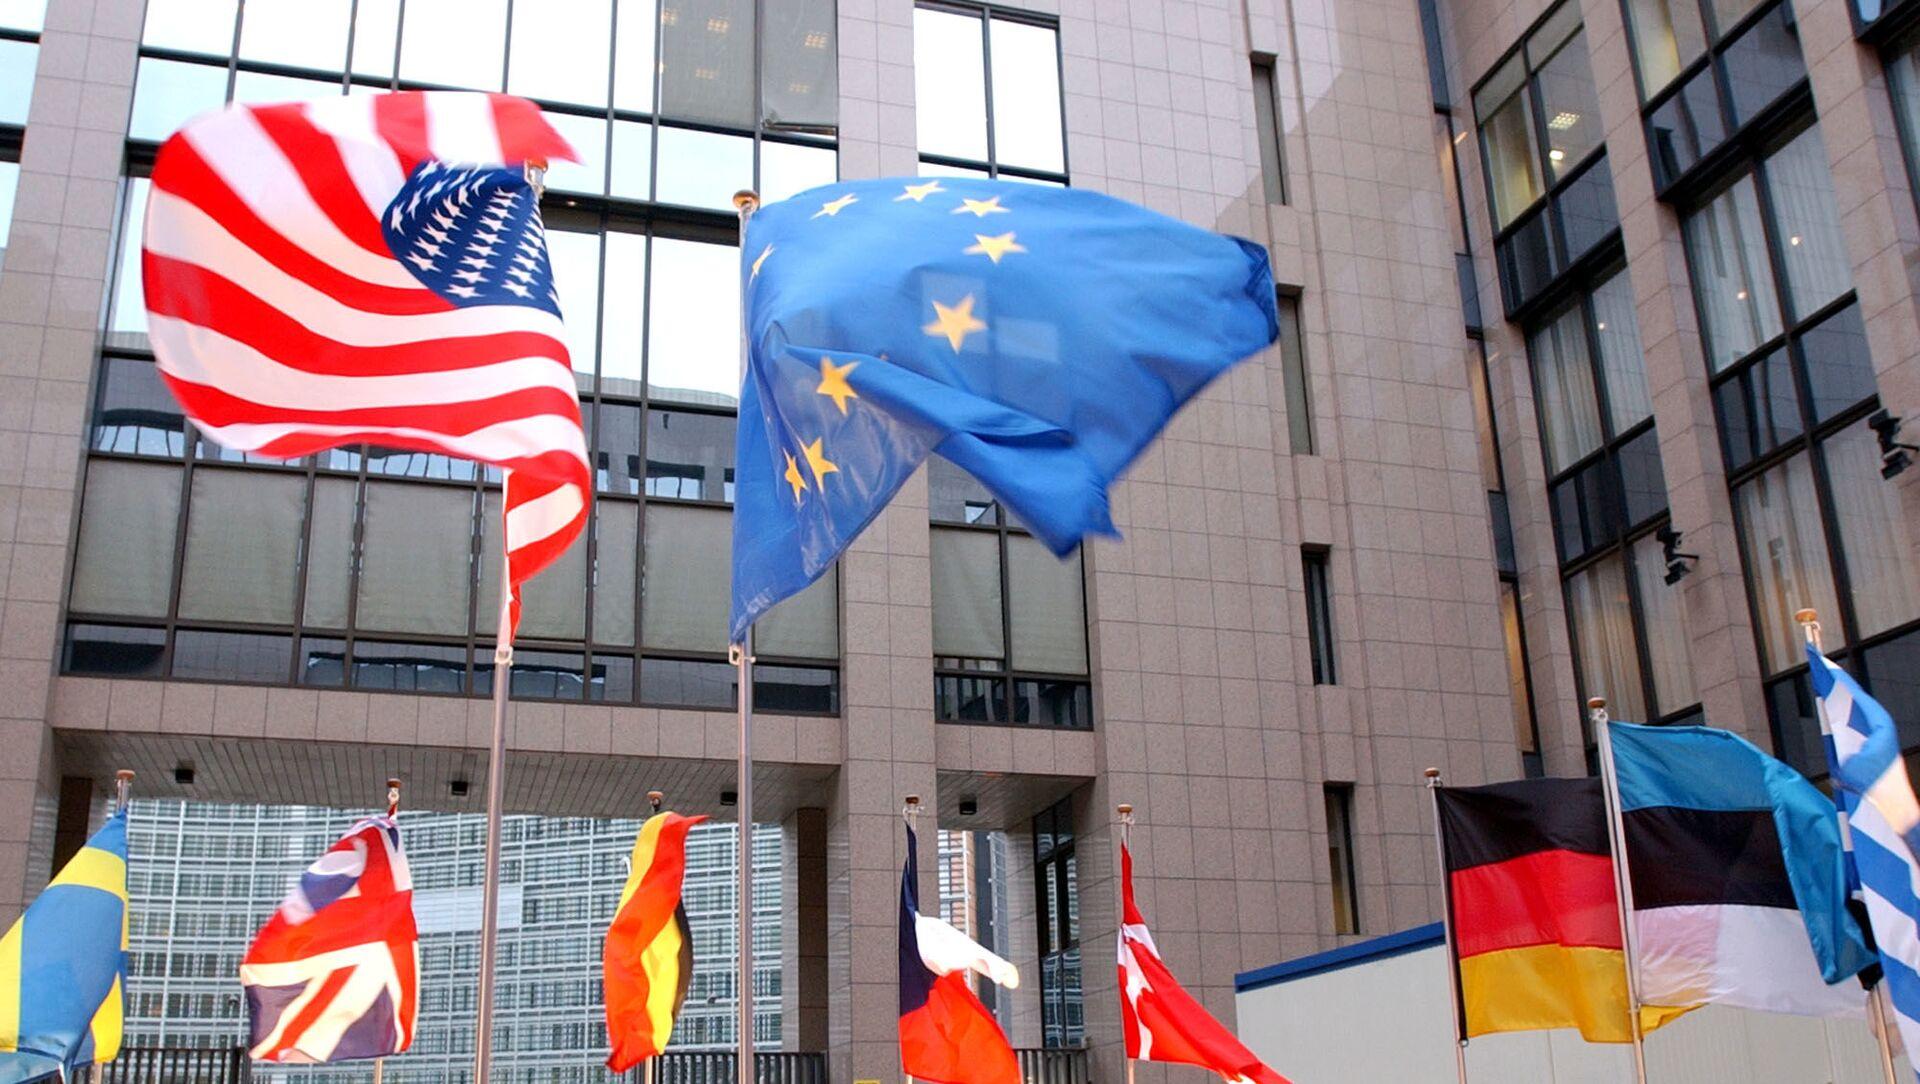 Flagi USA i UE - Sputnik Polska, 1920, 28.05.2021